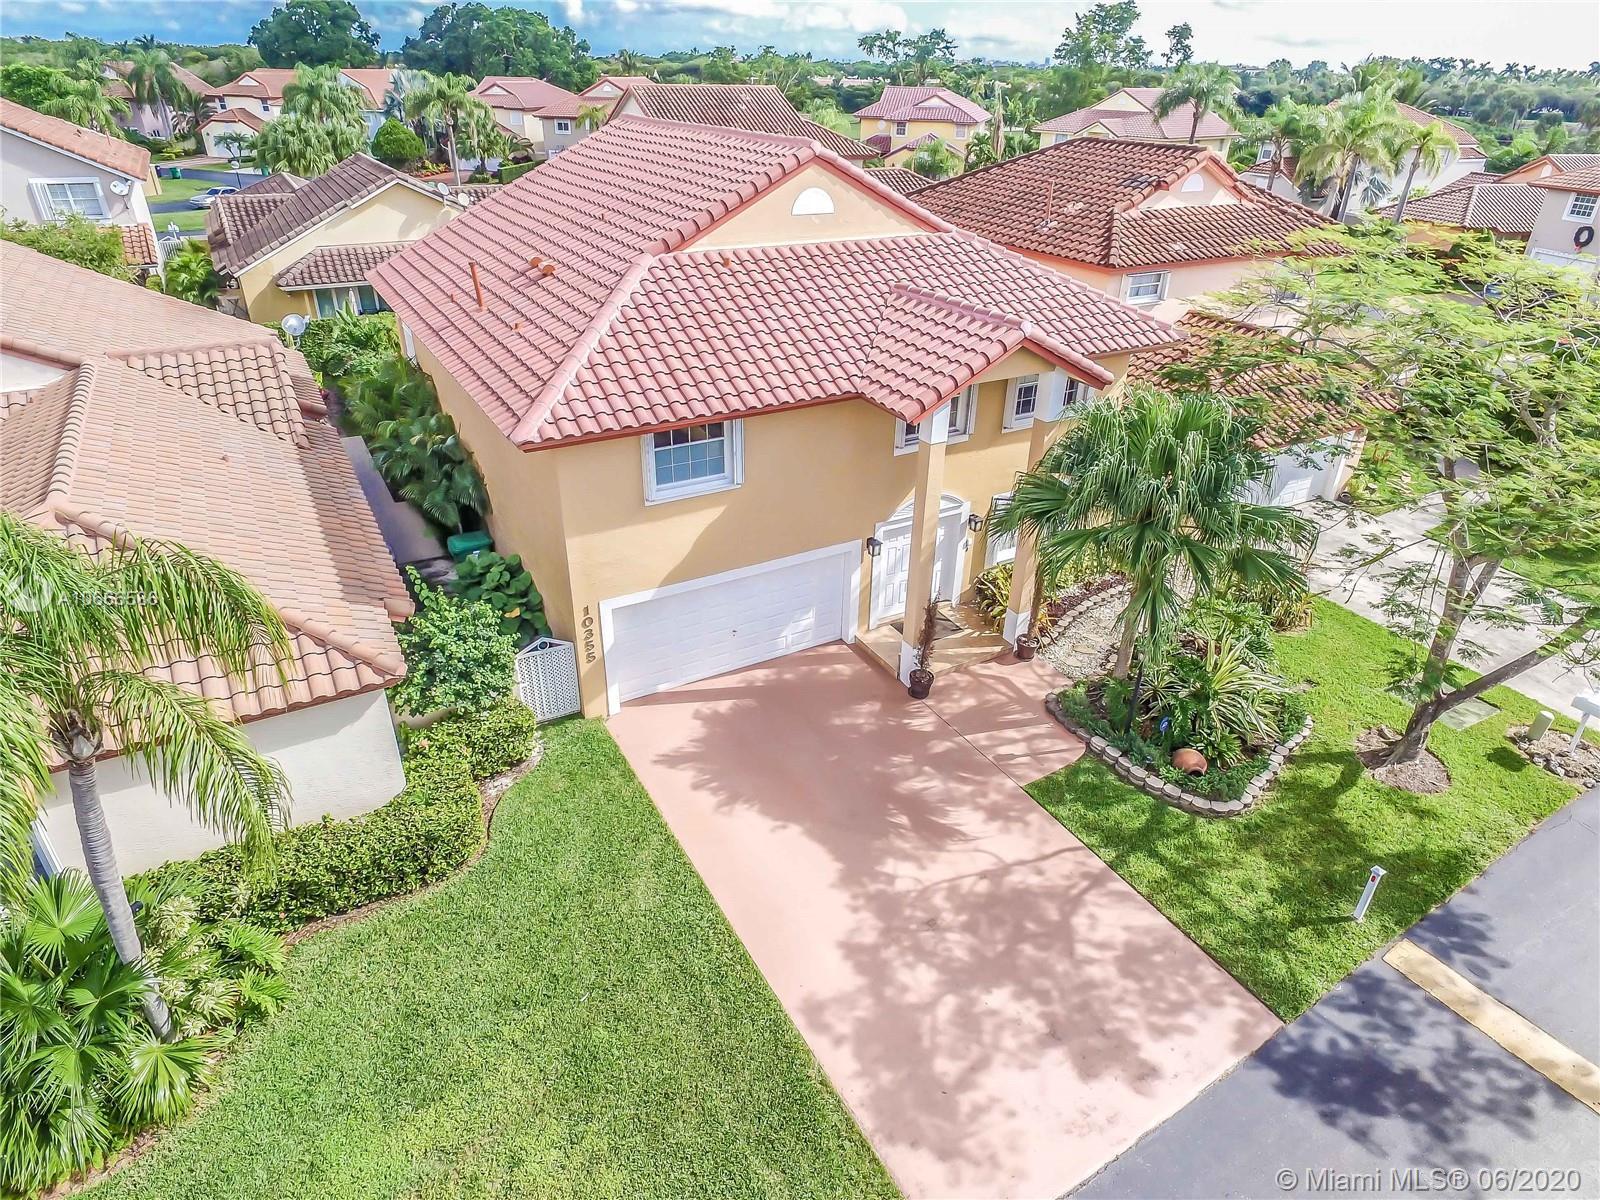 10355 NW 46th Ter, Doral, FL 33178 - Doral, FL real estate listing